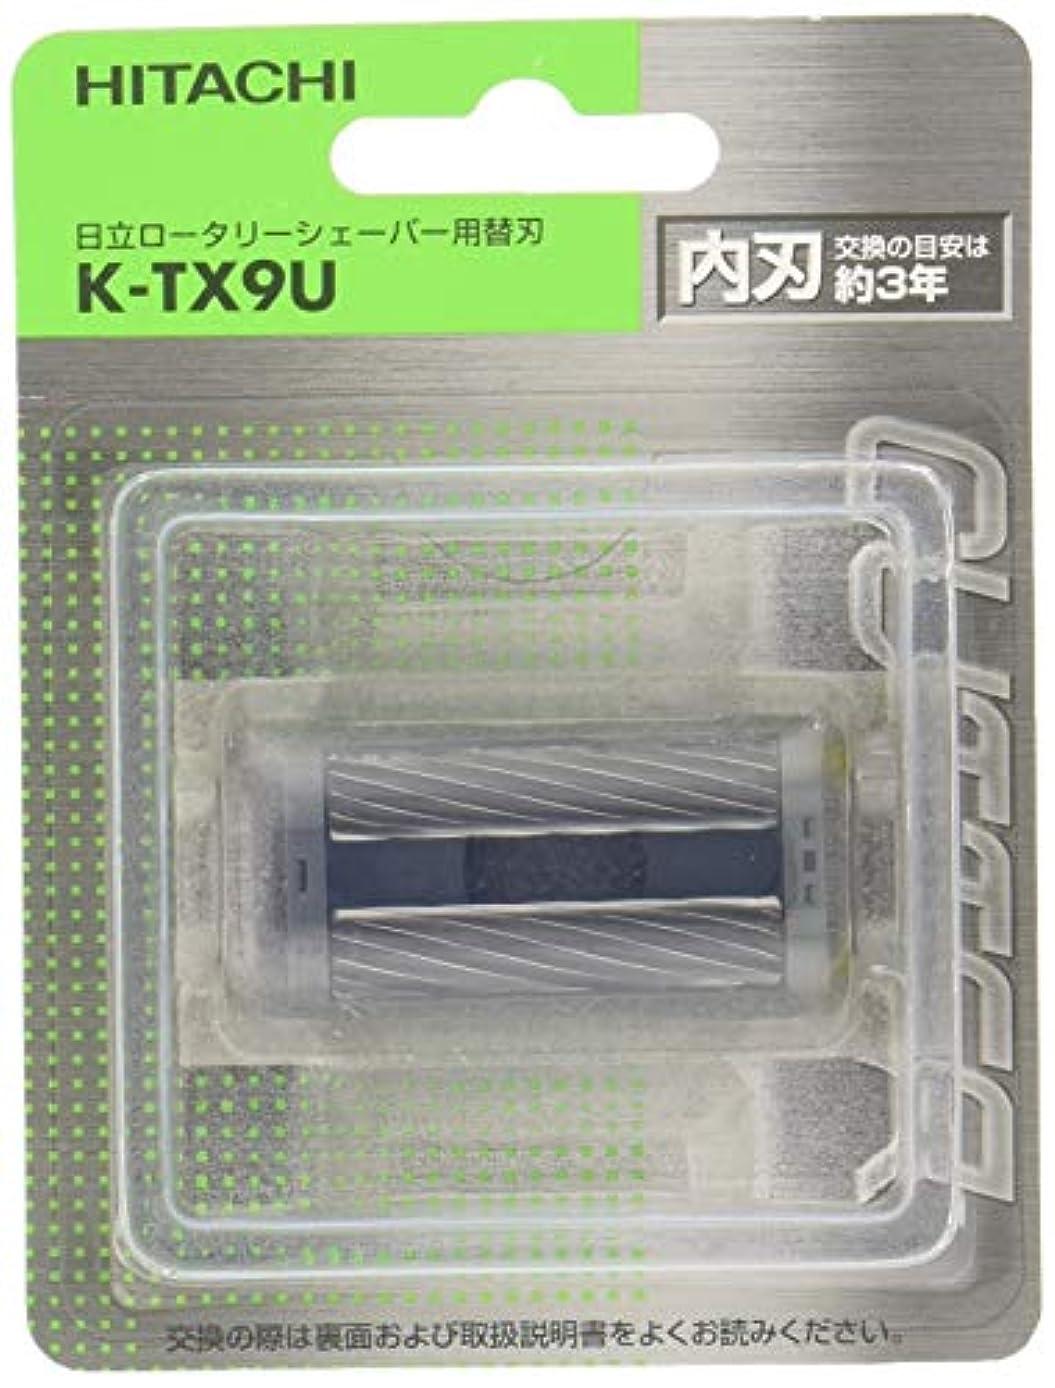 キャスト実行するロードされた日立 替刃 内刃 K-TX9U